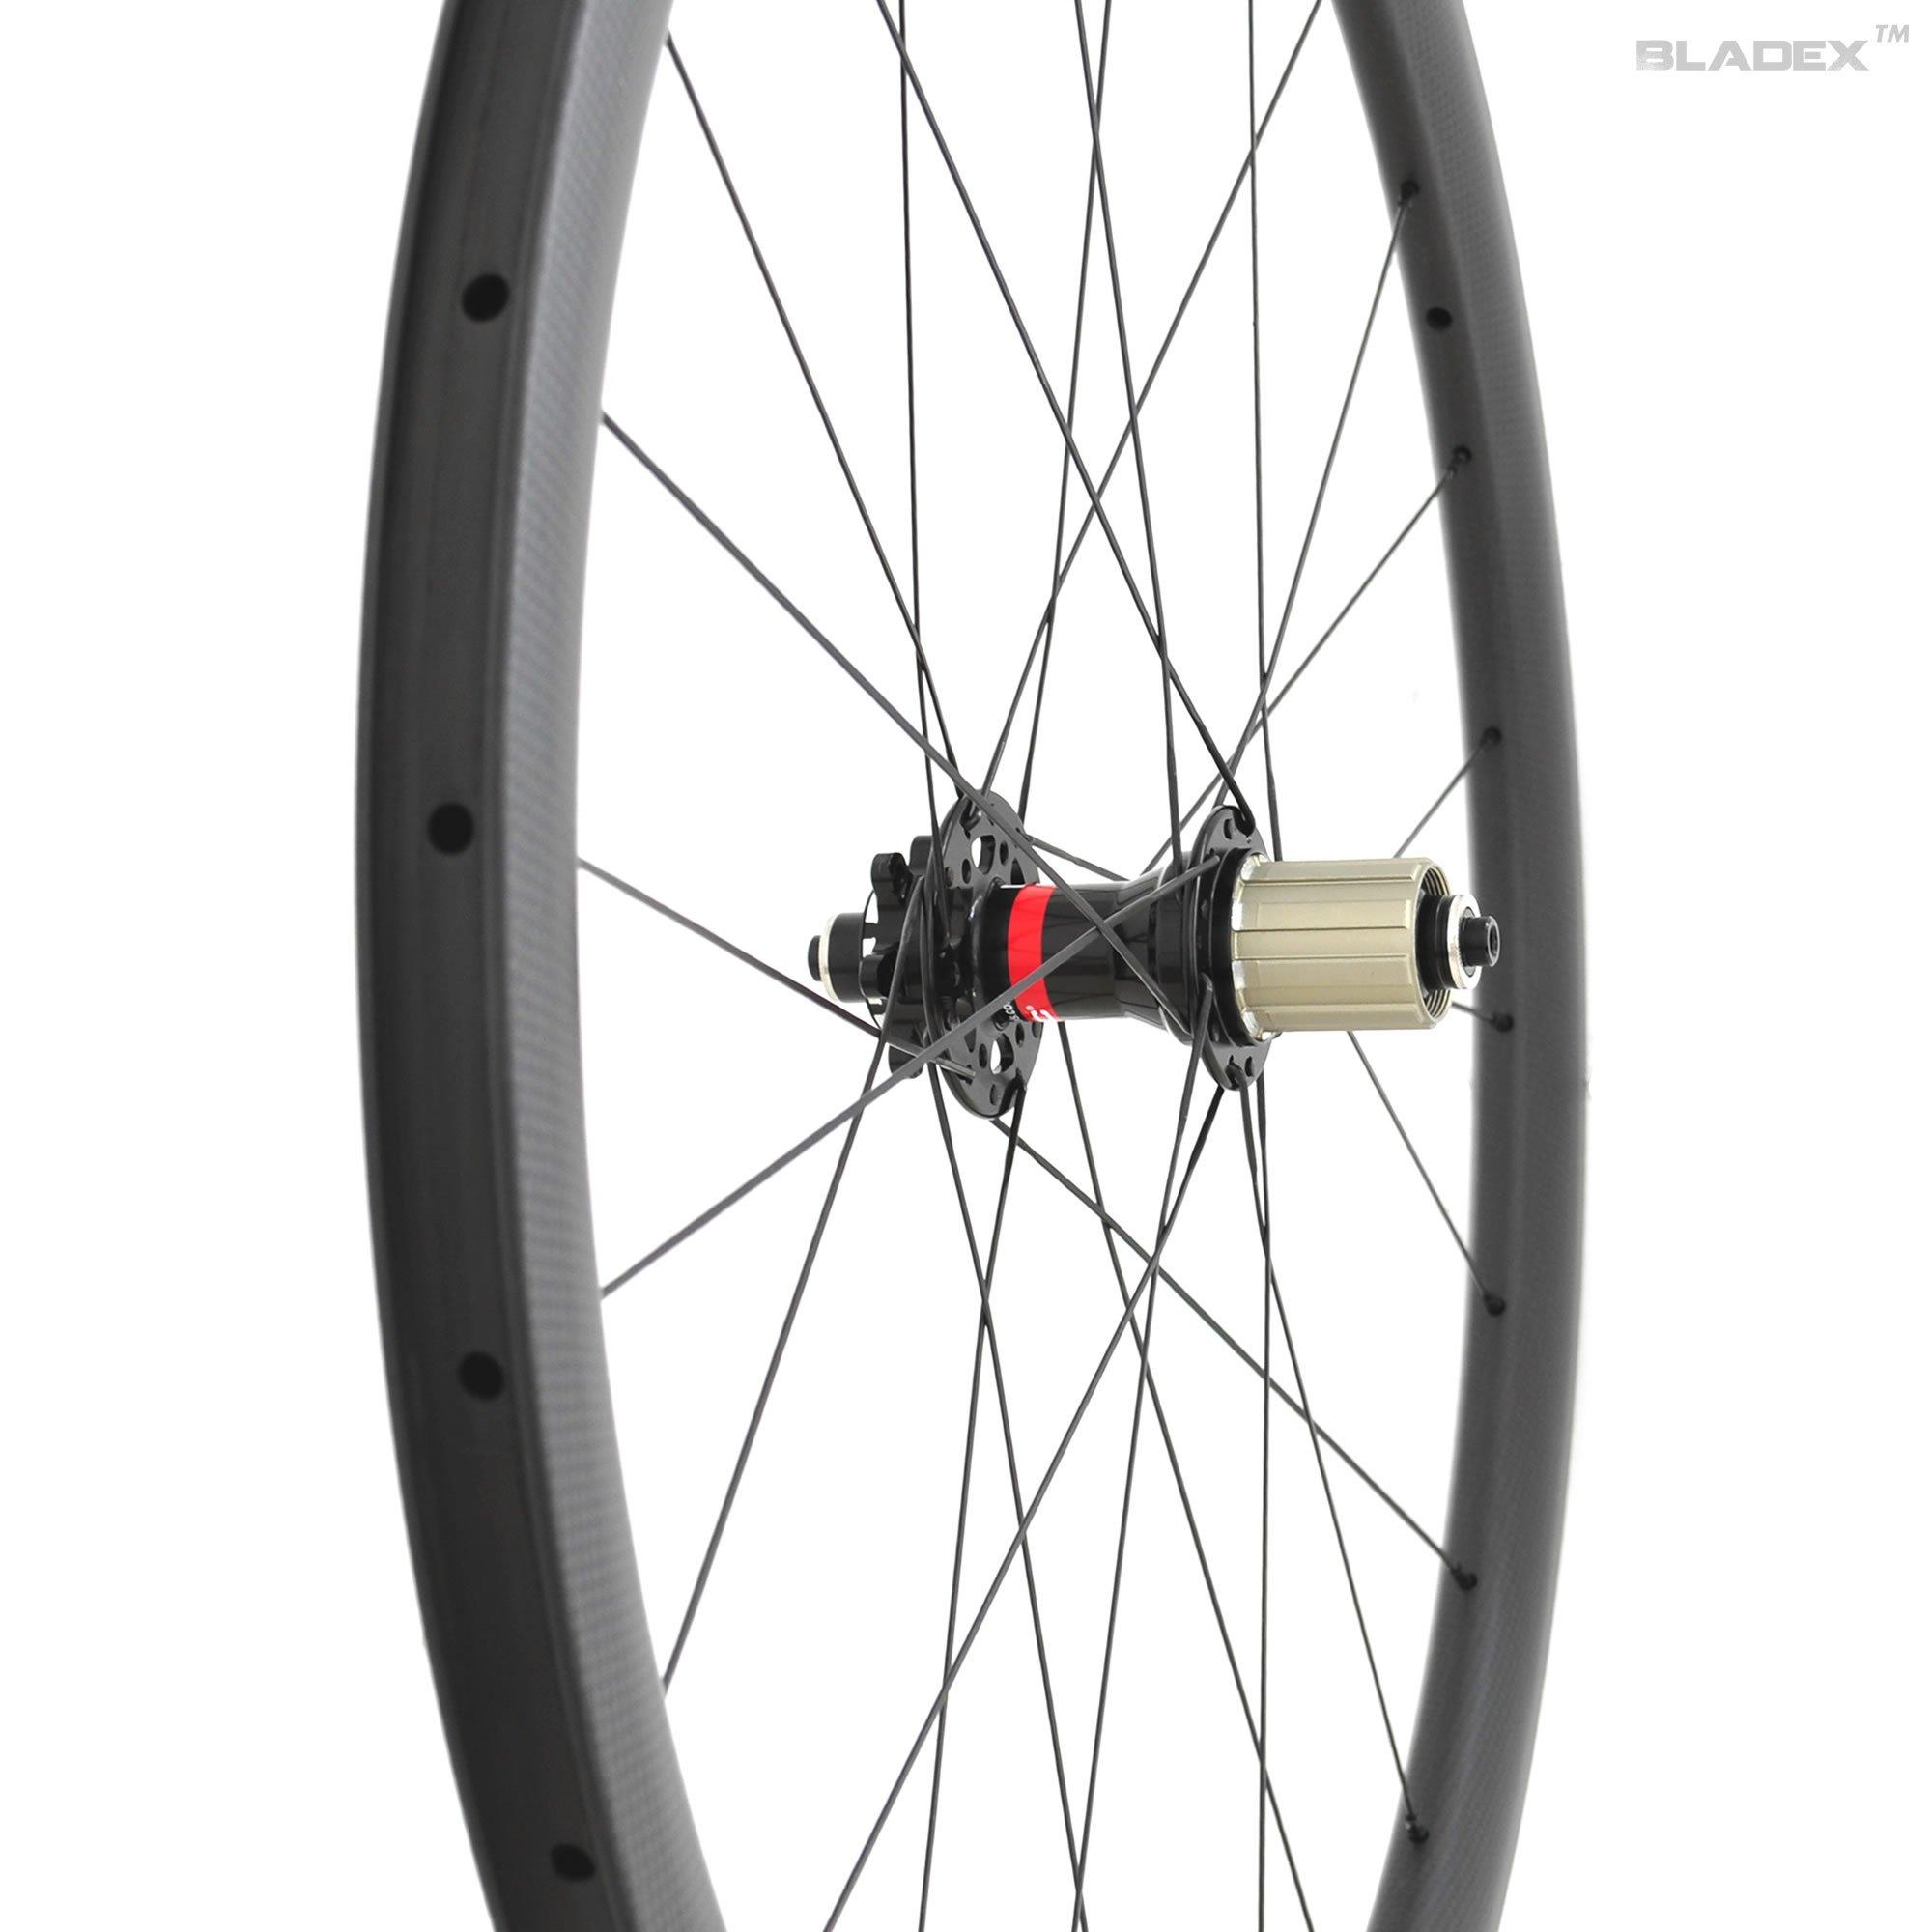 SDM 4X4 Road Disc Brake Carbon Rear Wheel